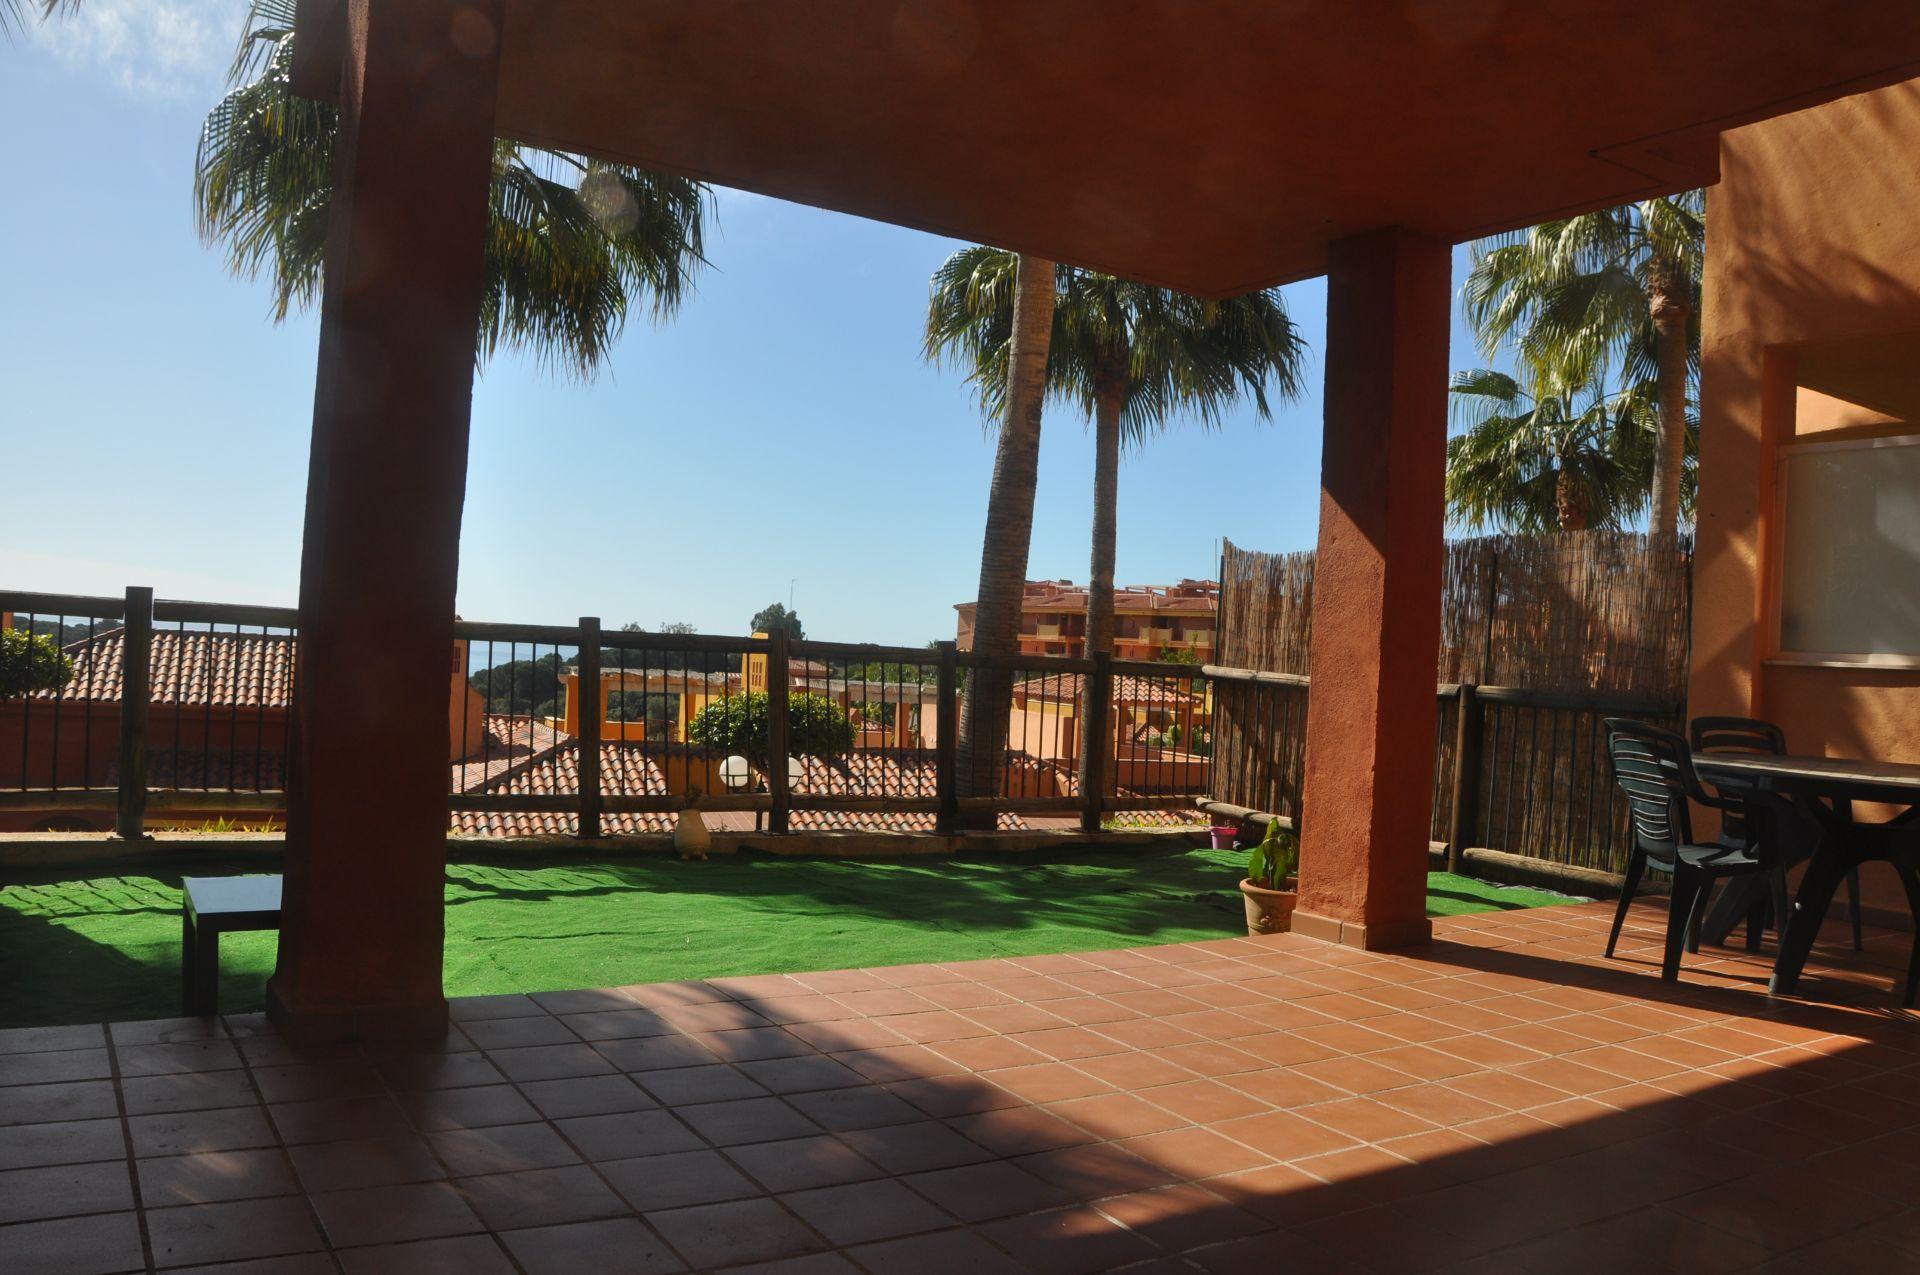 Lejlighed i Marbella, Reserva de Marbella Fase III, salg